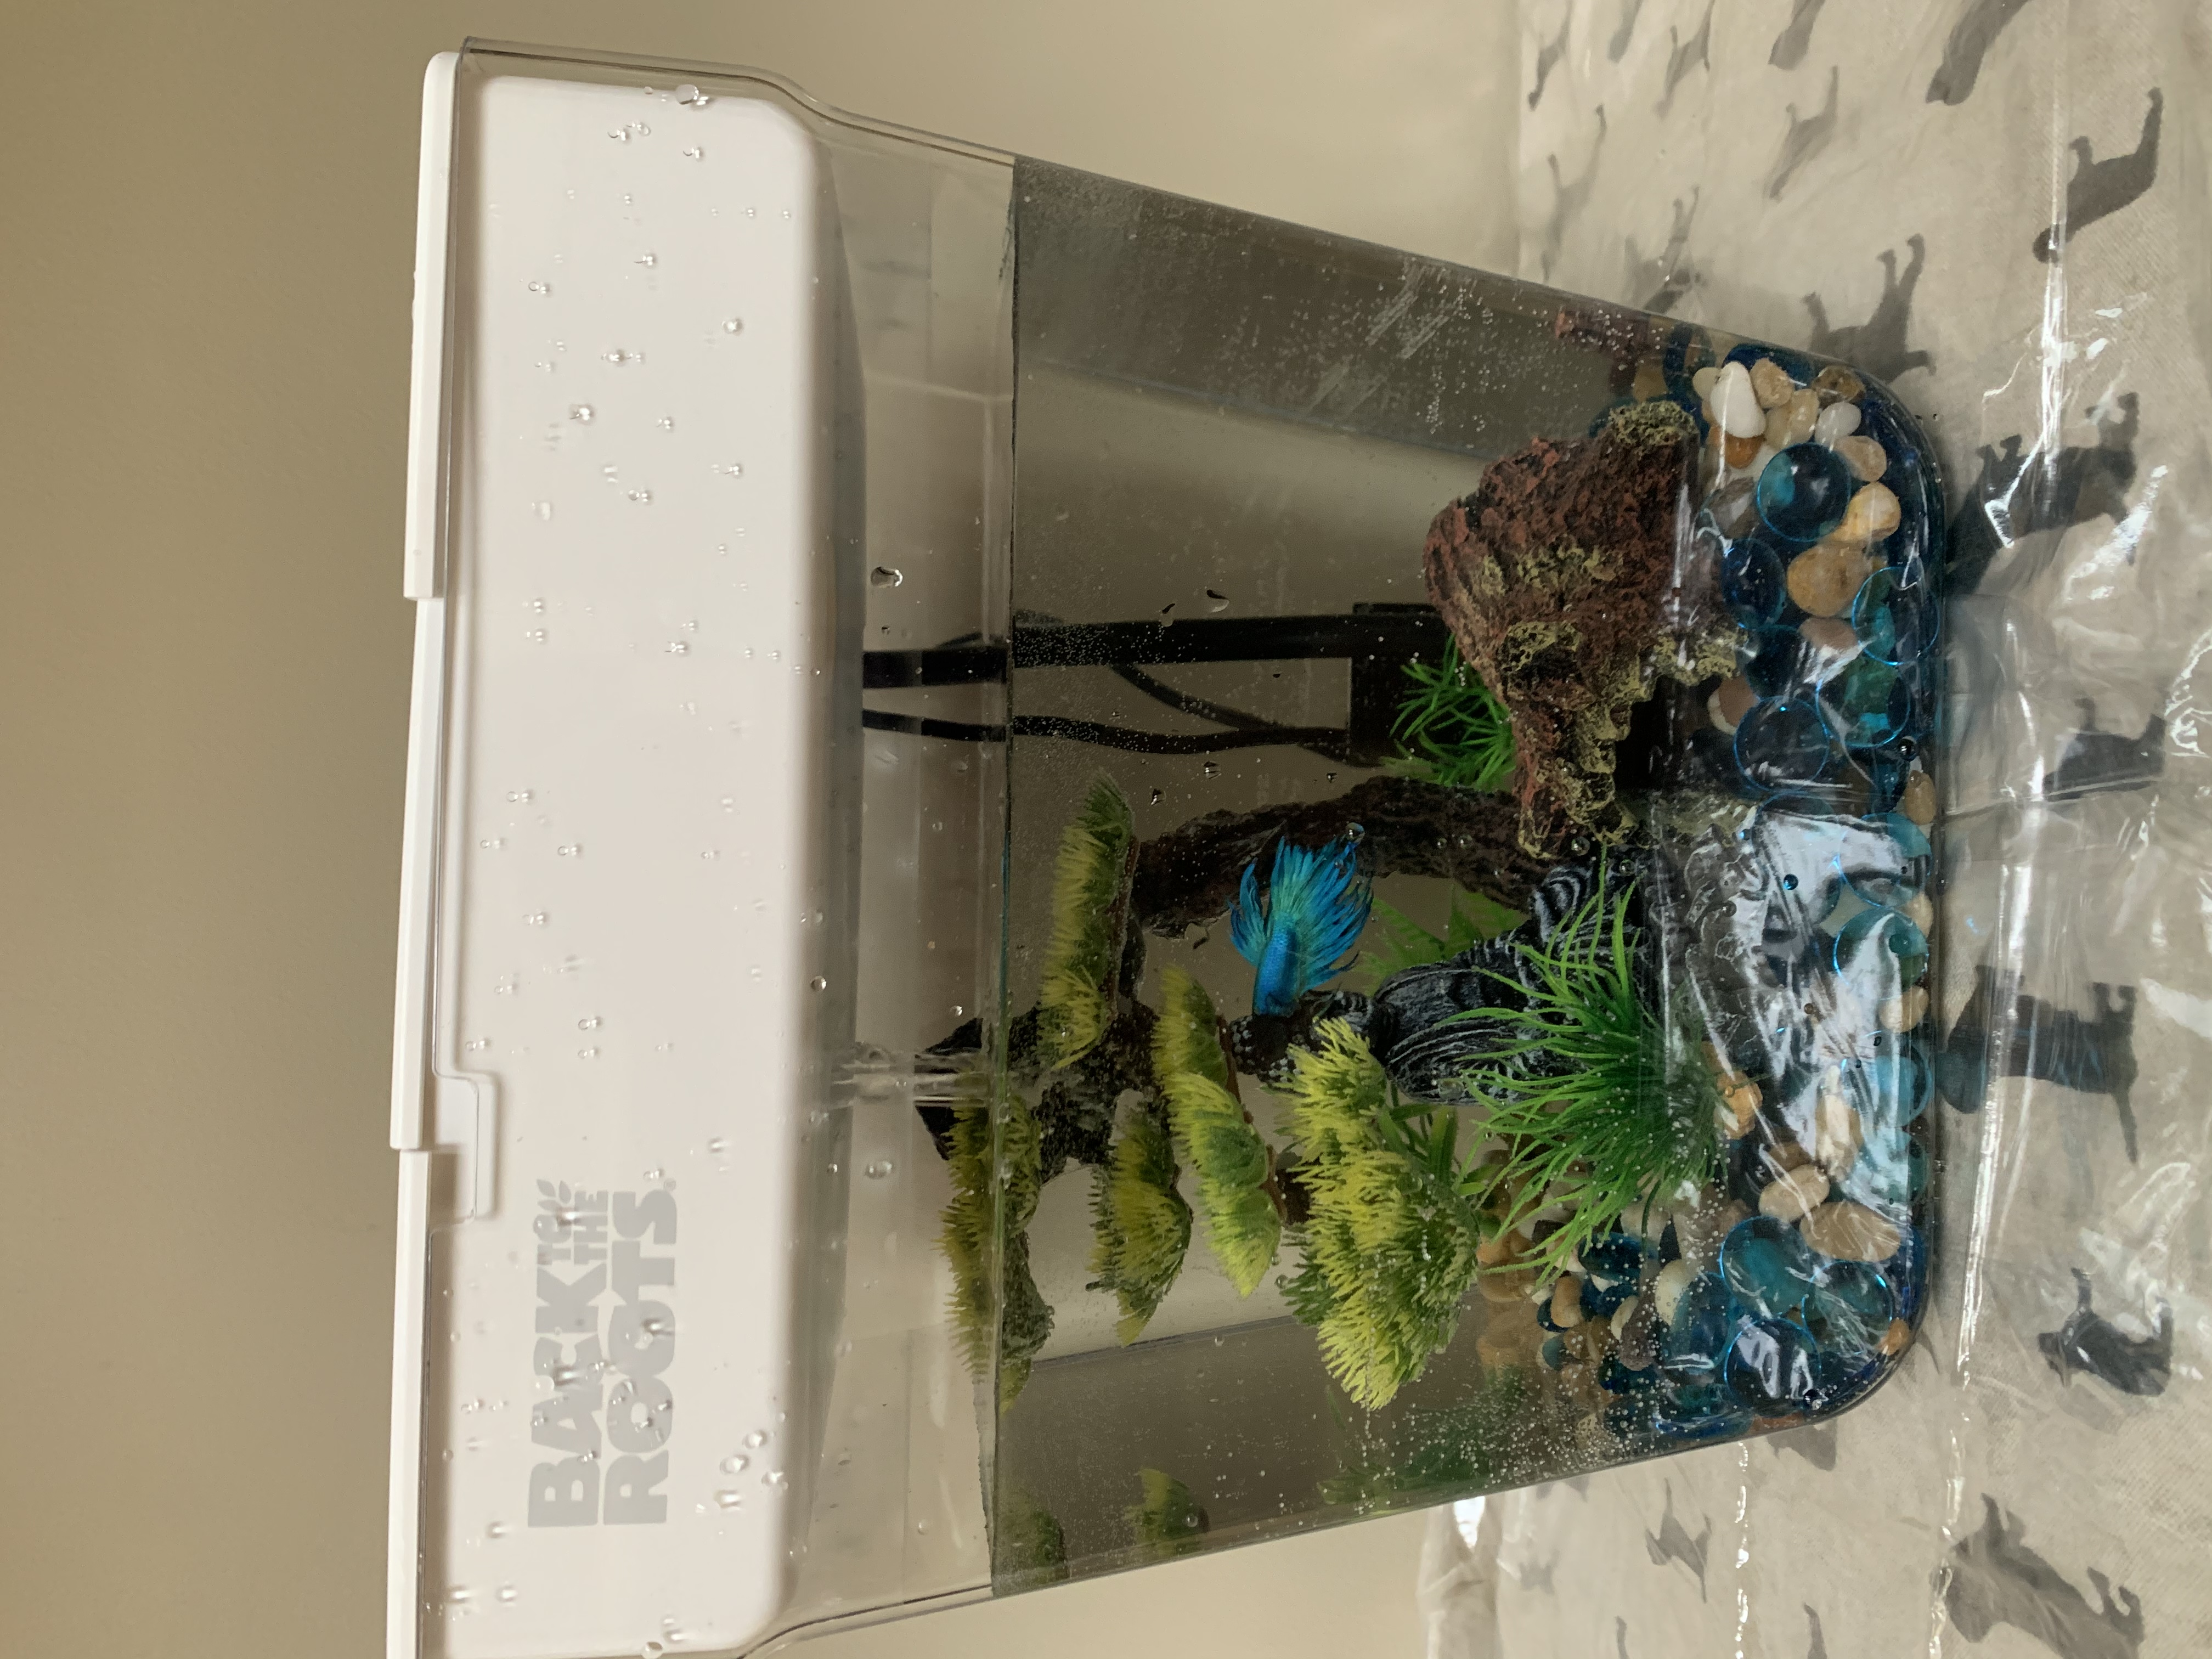 Aquaponics Successful Setup!